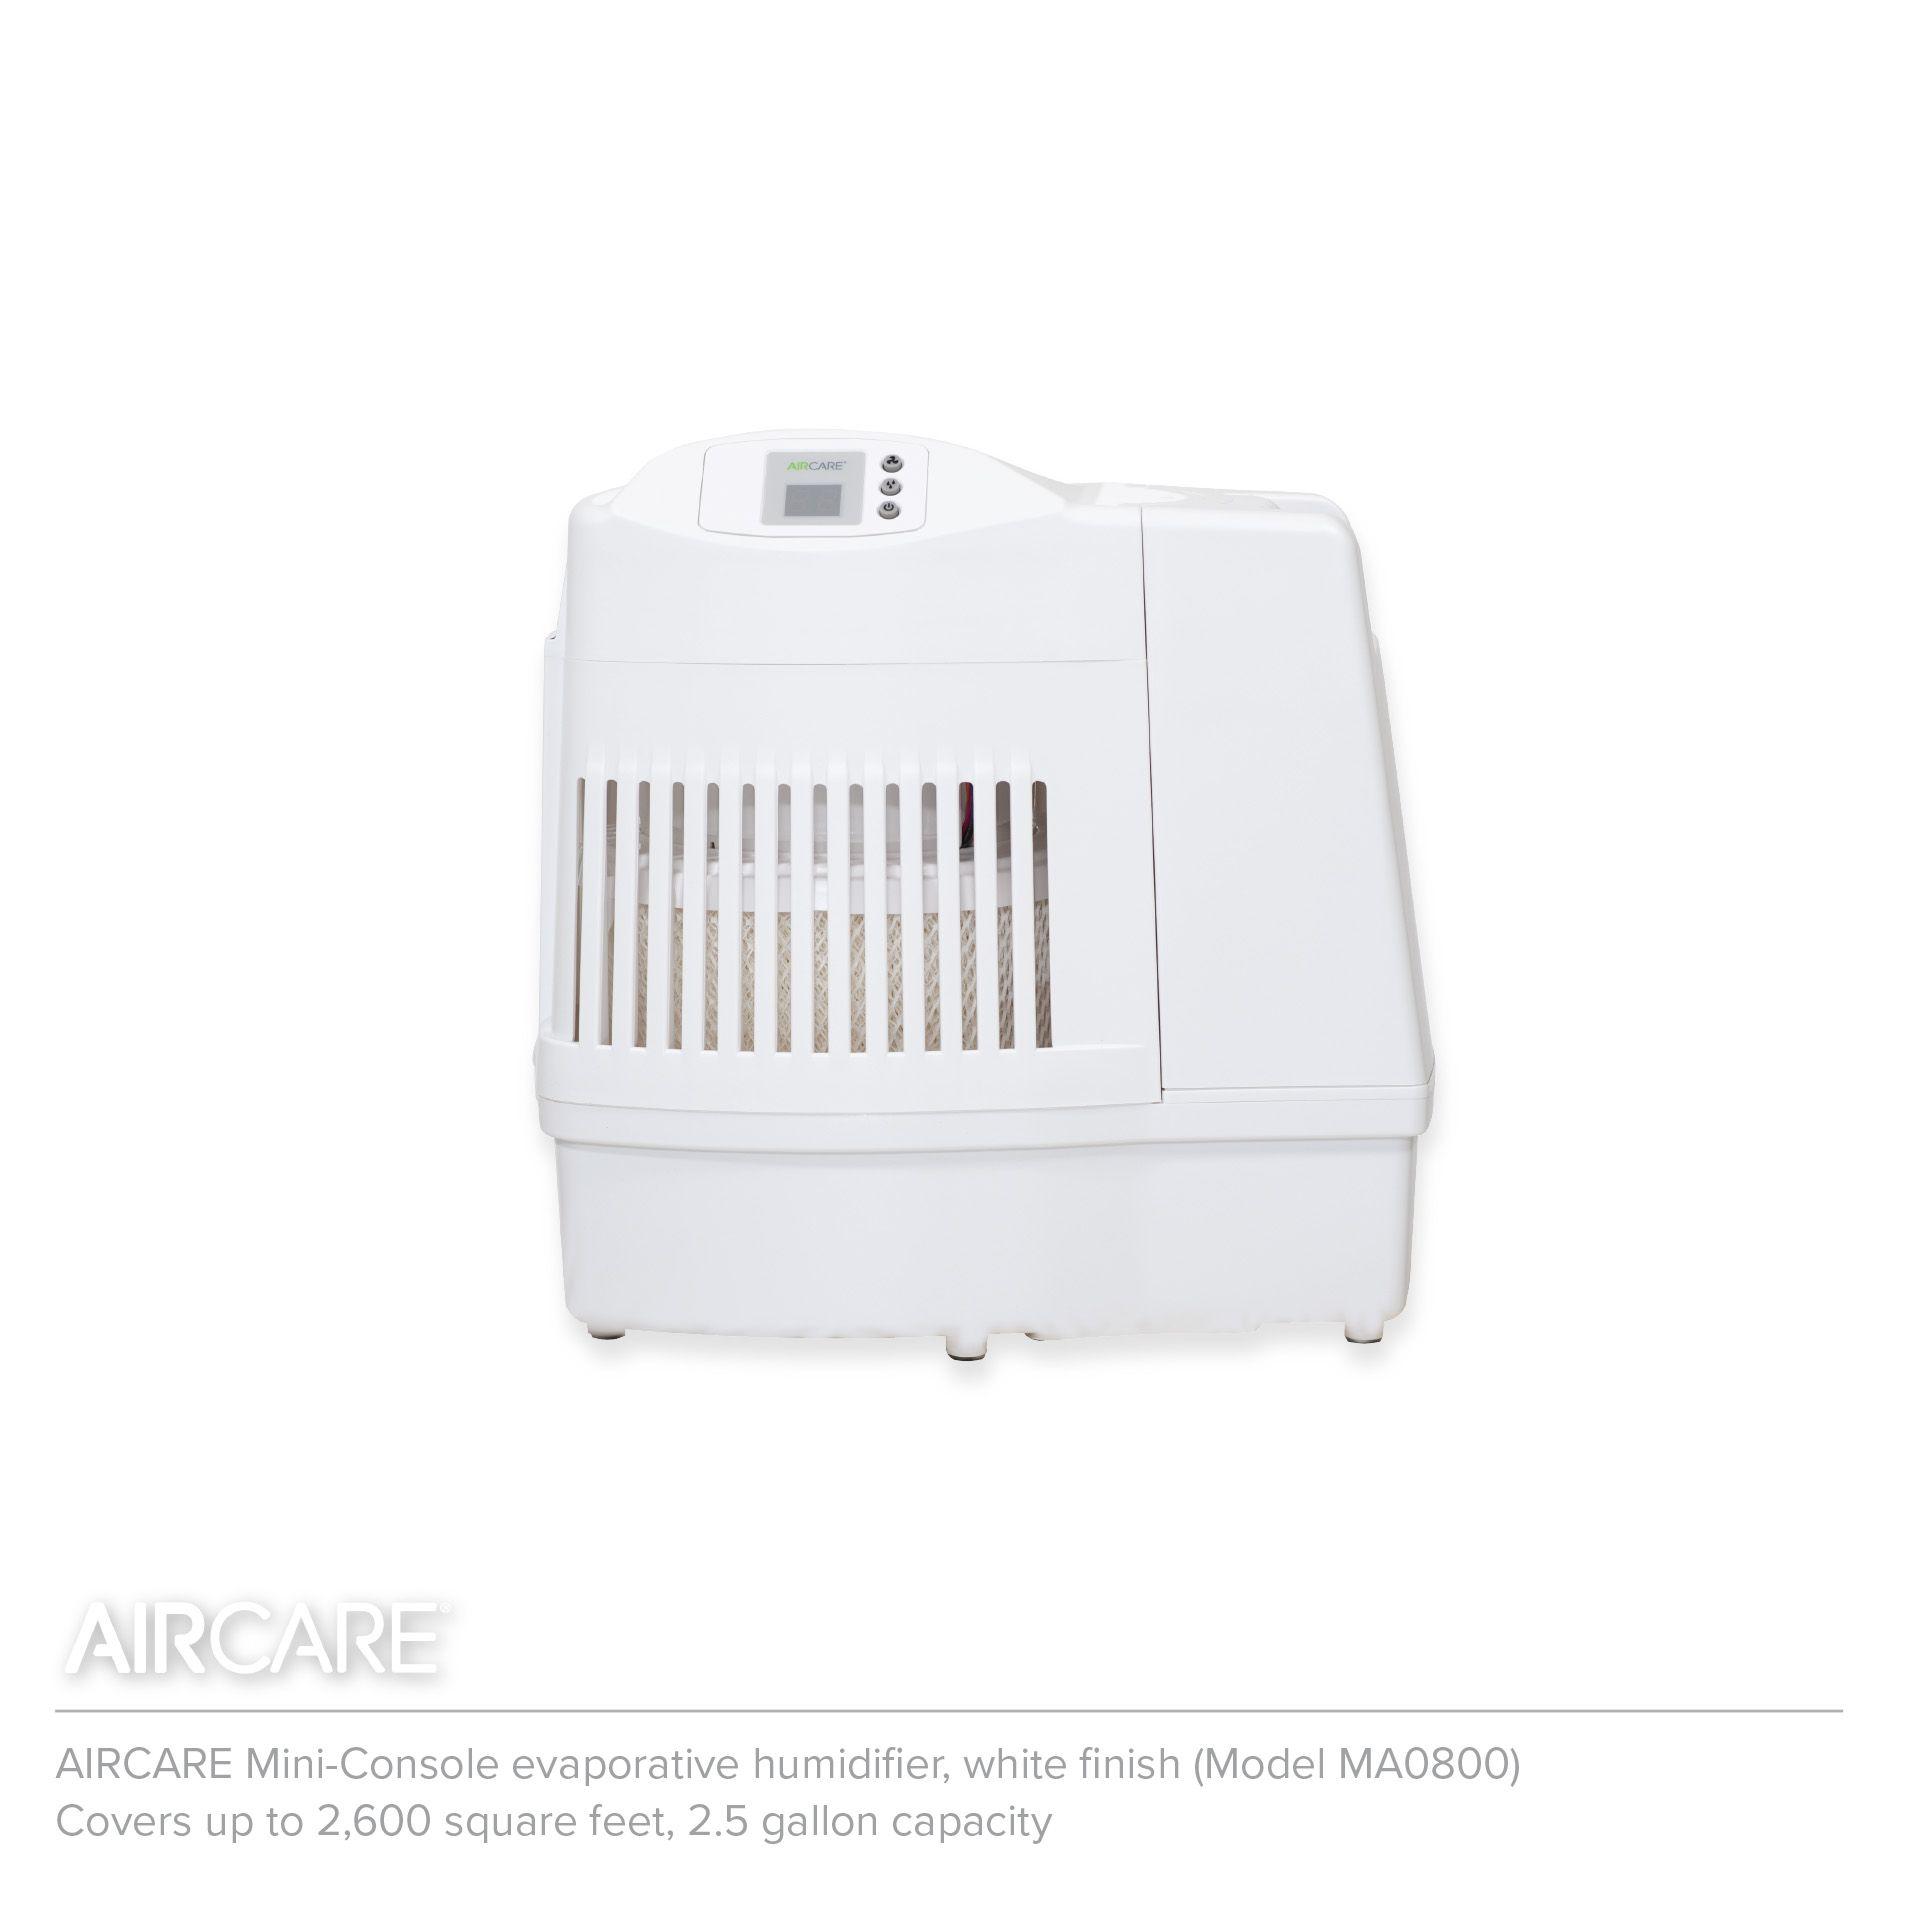 Aircare Mini Console Evaporative Humidifier Air Care Mini Console